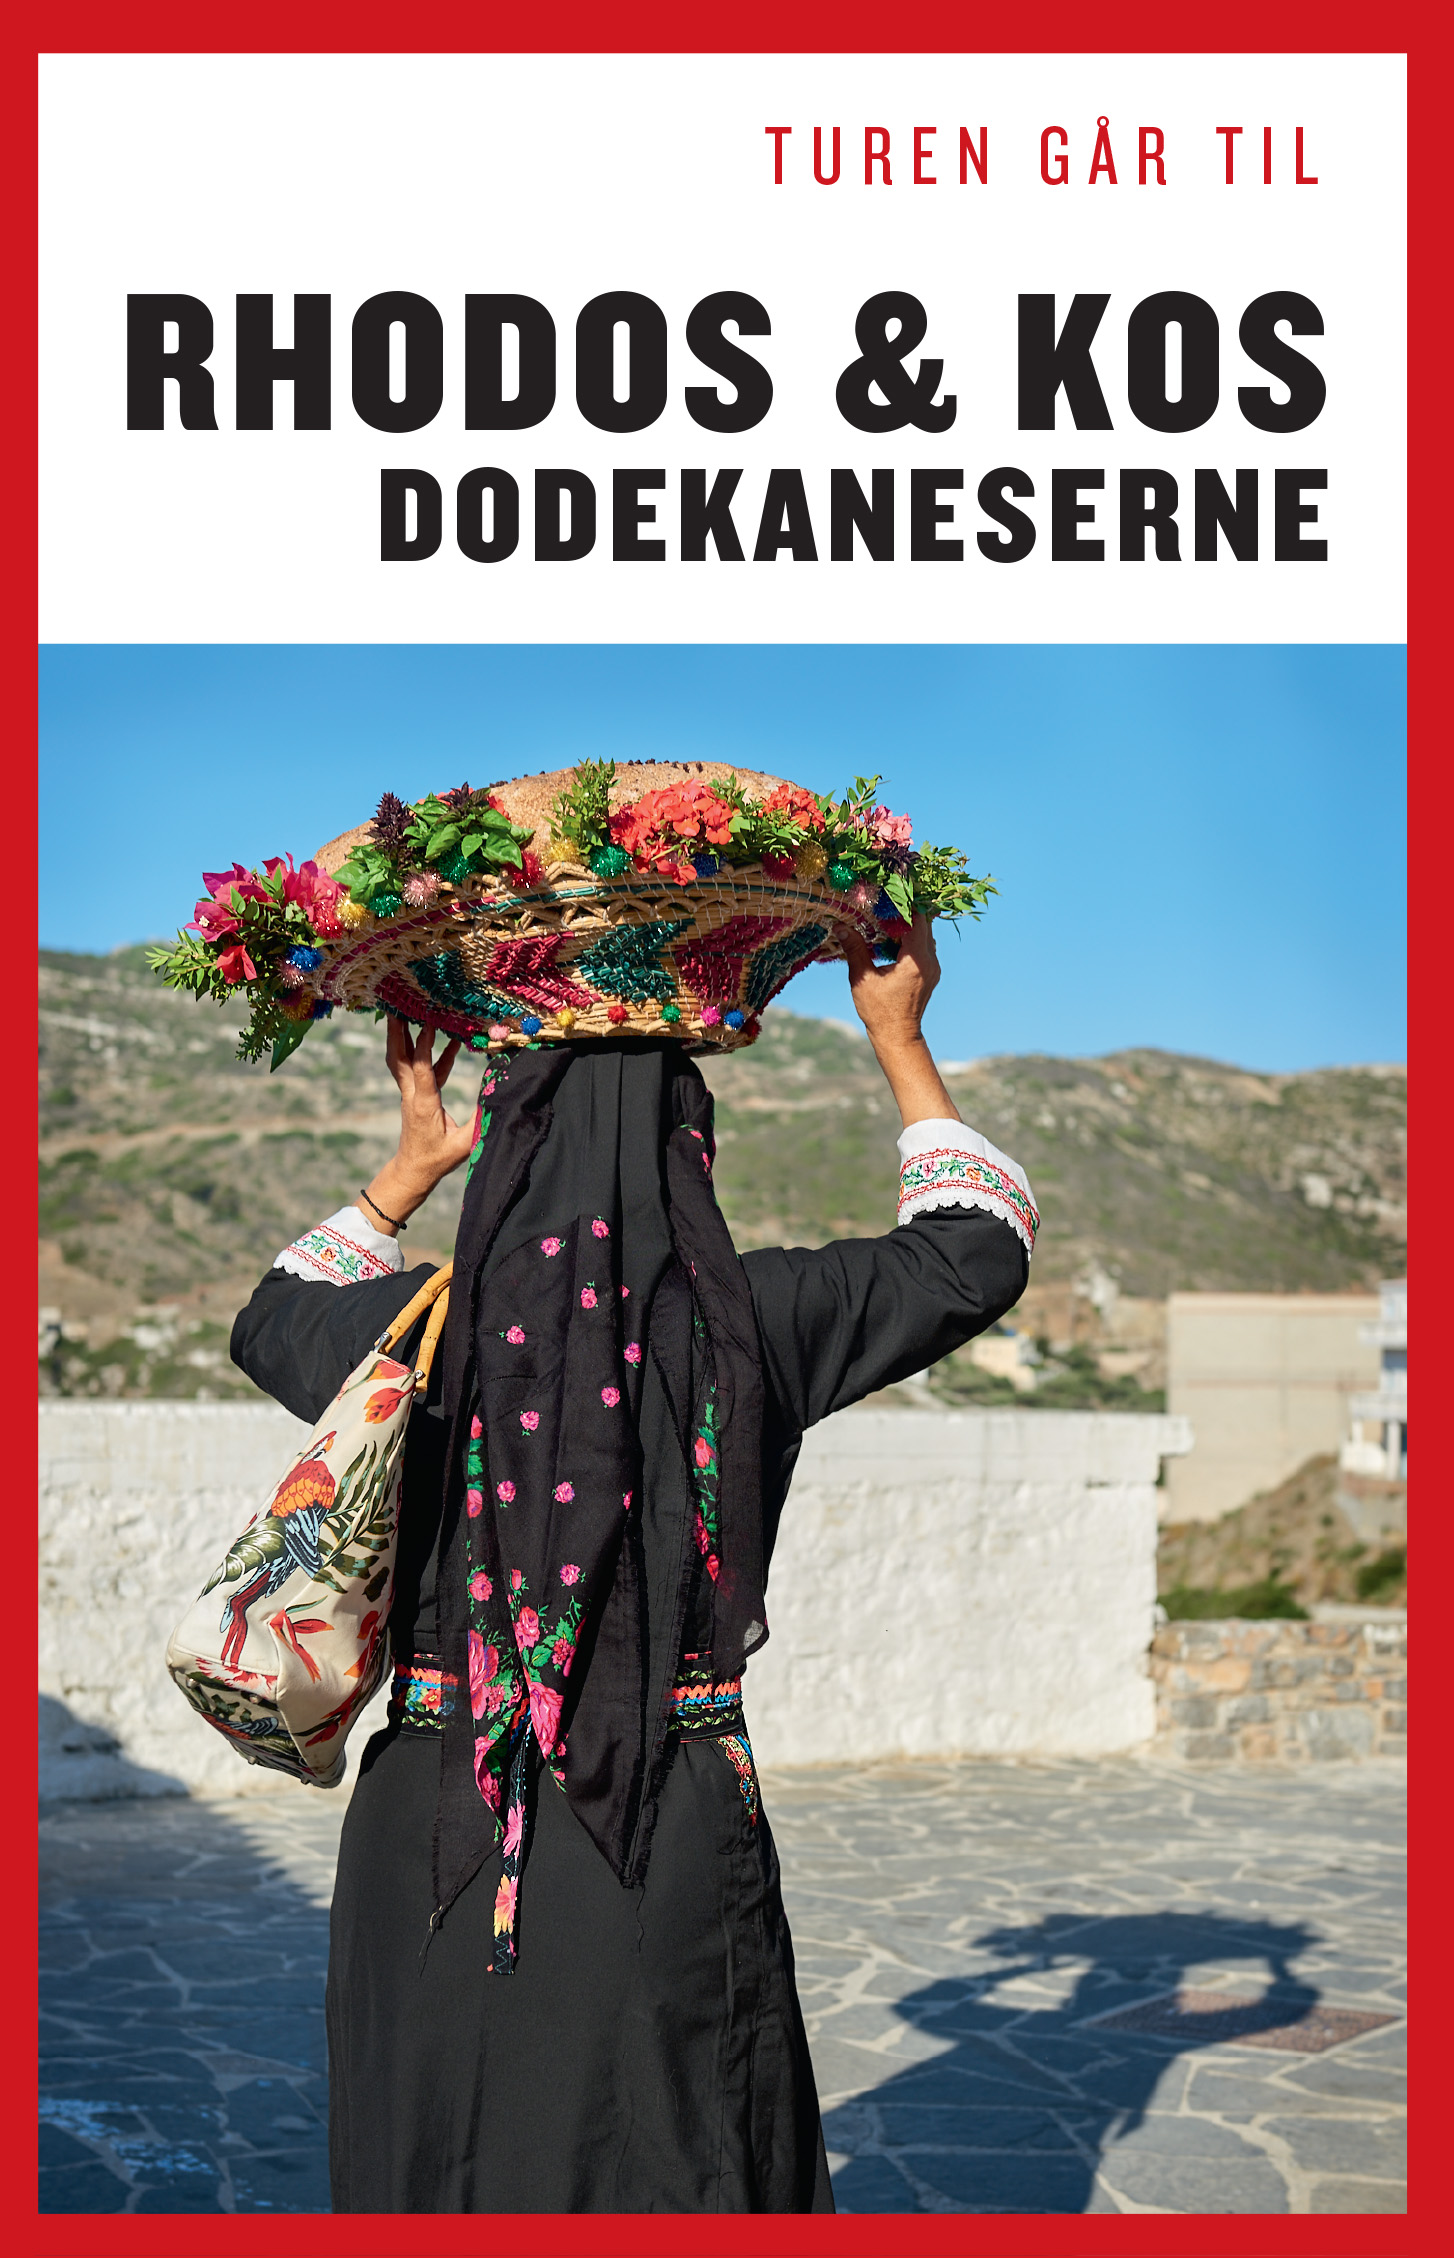 Politikens Turen går til¤Politikens rejsebøger: Turen går til Rhodos & Kos  - Dodekaneserne - Ida Frederikke Ferdinand og Mette Iversen - Bøger - Politikens Forlag - 9788740038484 - 12/4-2018